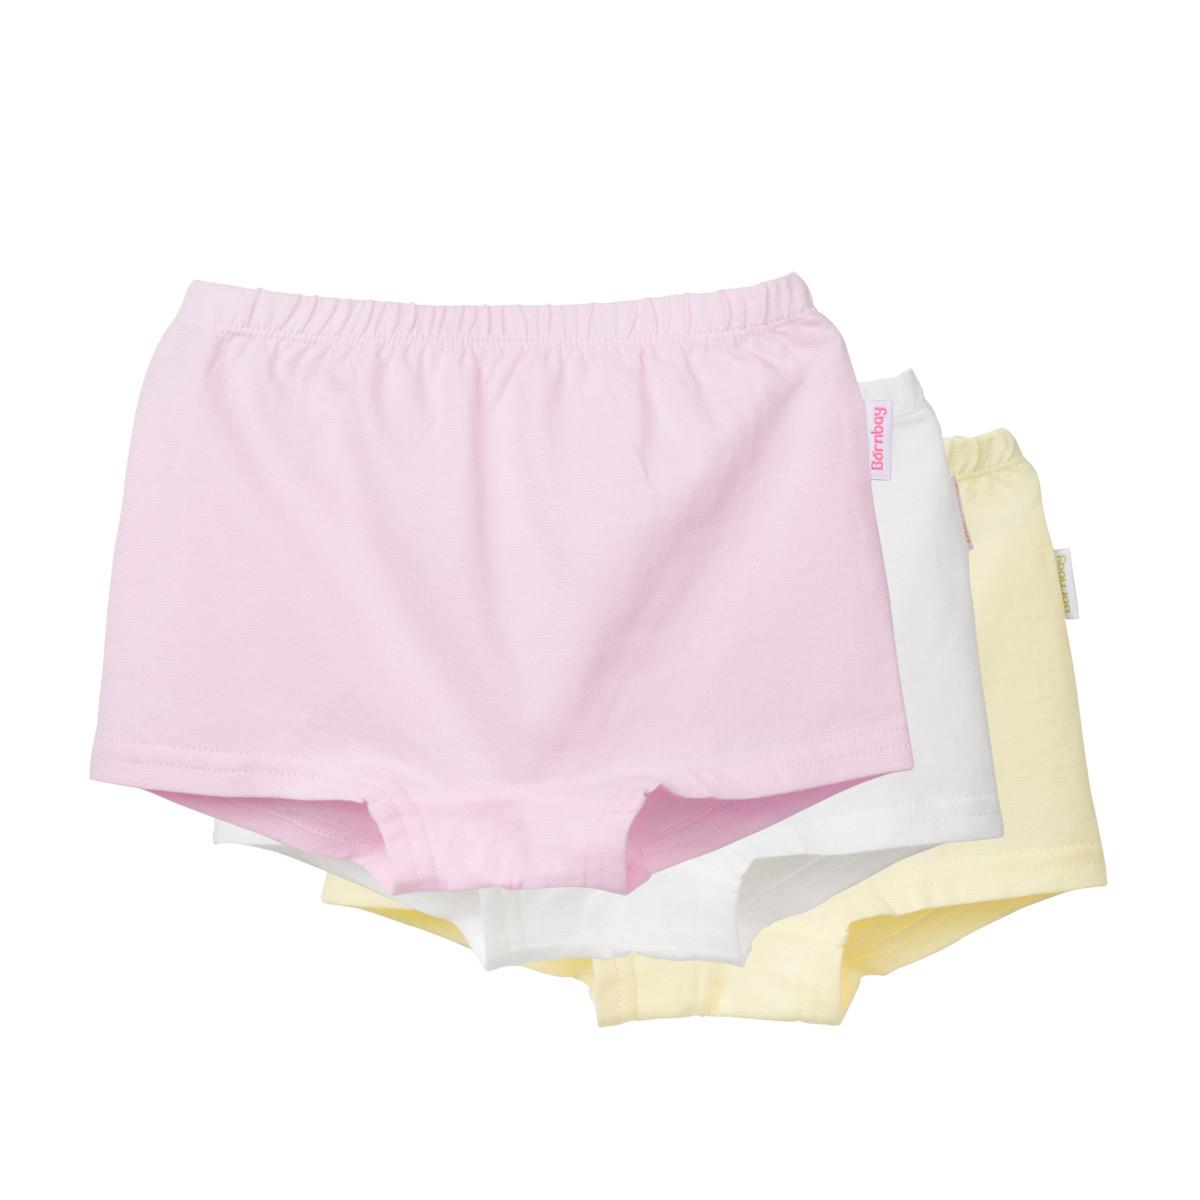 貝貝怡兒童內褲男女寶寶純棉柔軟透氣平角褲(3條裝) BB9016